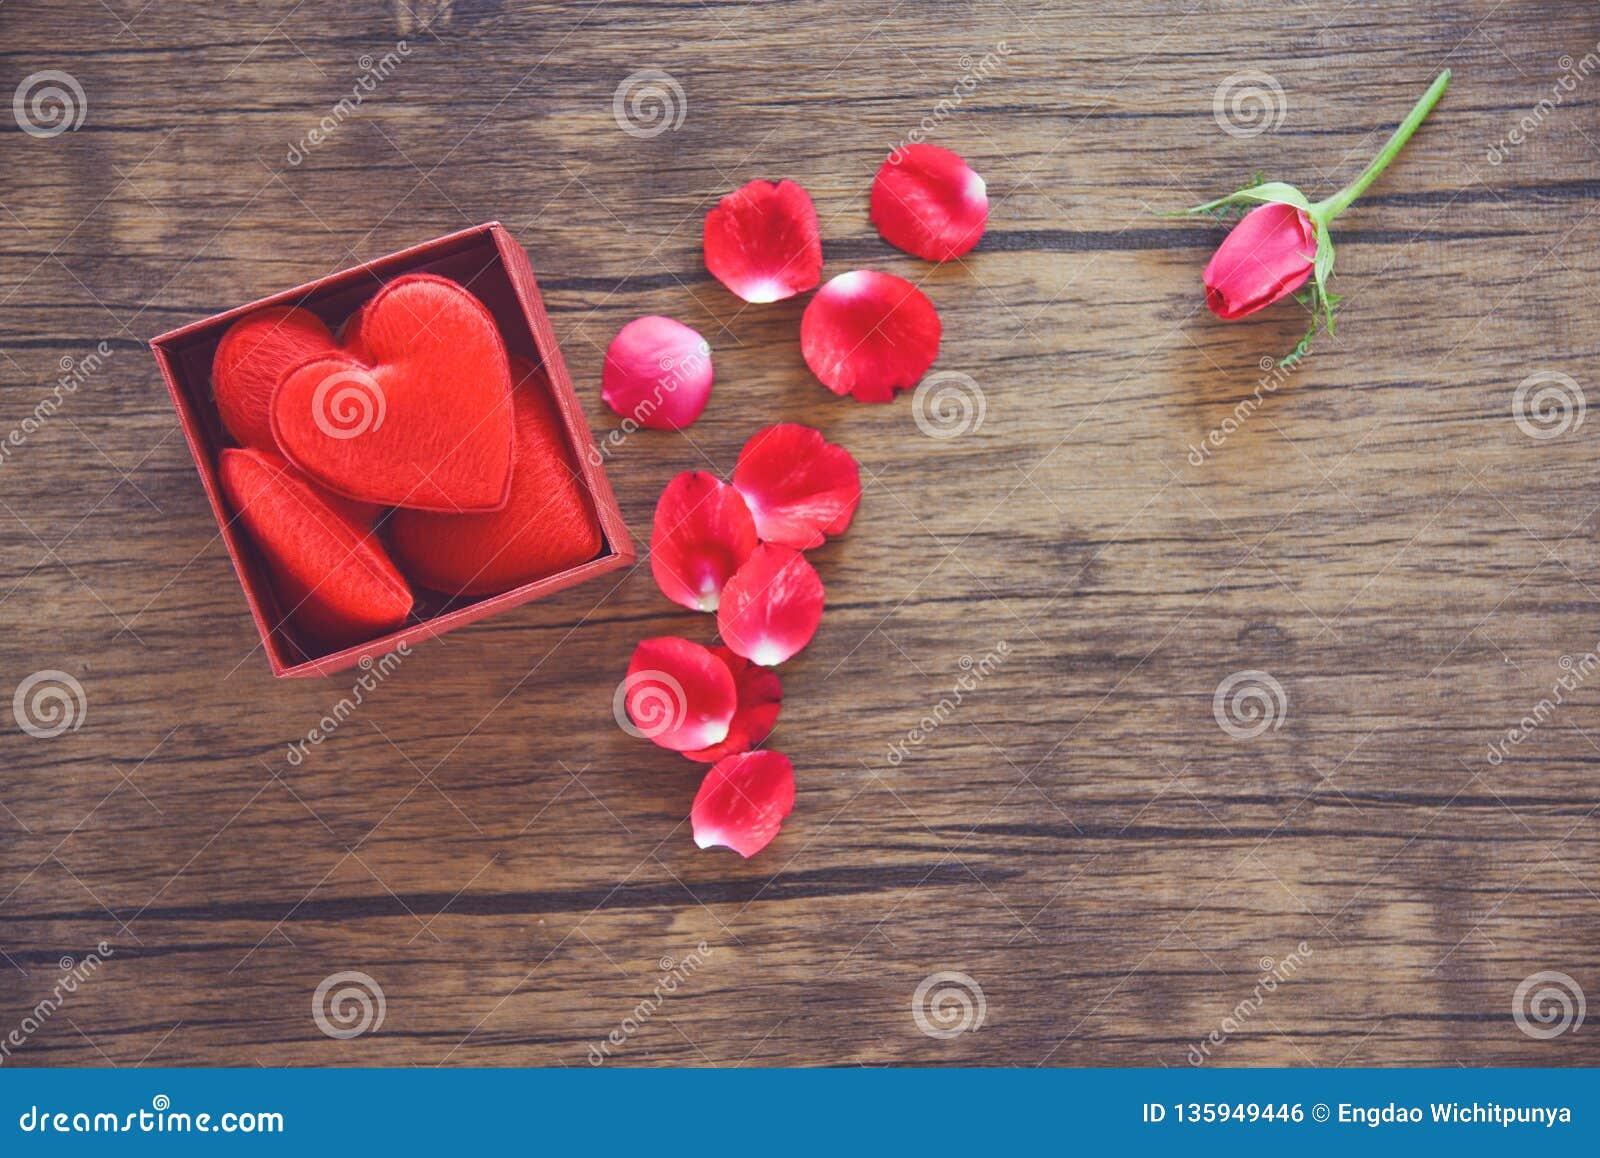 Le boîte-cadeau ouvert avec la boîte actuelle rouge de coeur rouge avec le plein coeur pour le jour de valentines de cadeau et le